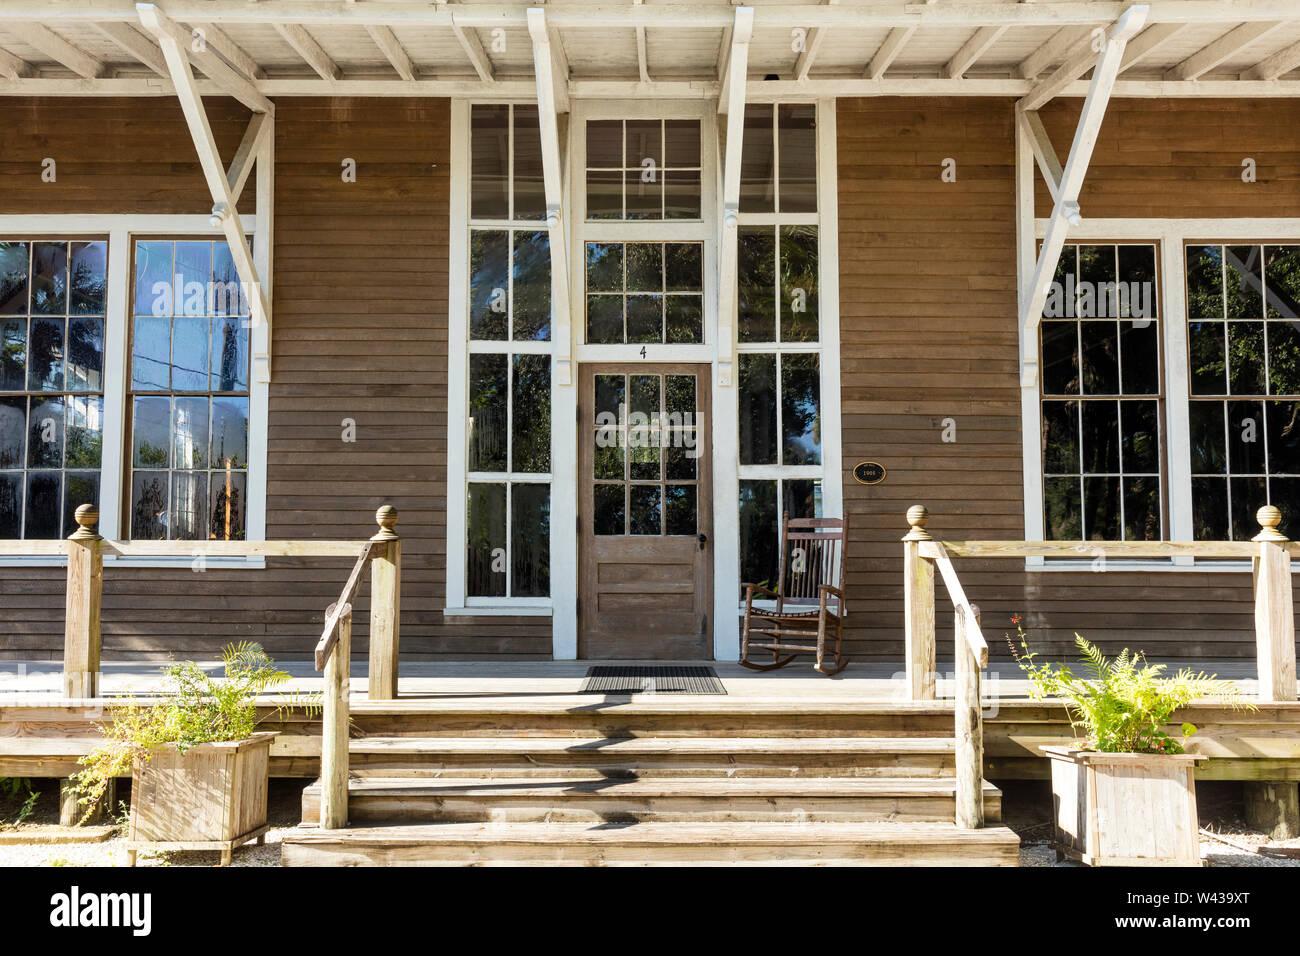 Construcción de Sala de Arte sobre la base del asentamiento histórico Koreshan - una comuna utópica del siglo XIX, Estero, Florida, EE.UU. Foto de stock